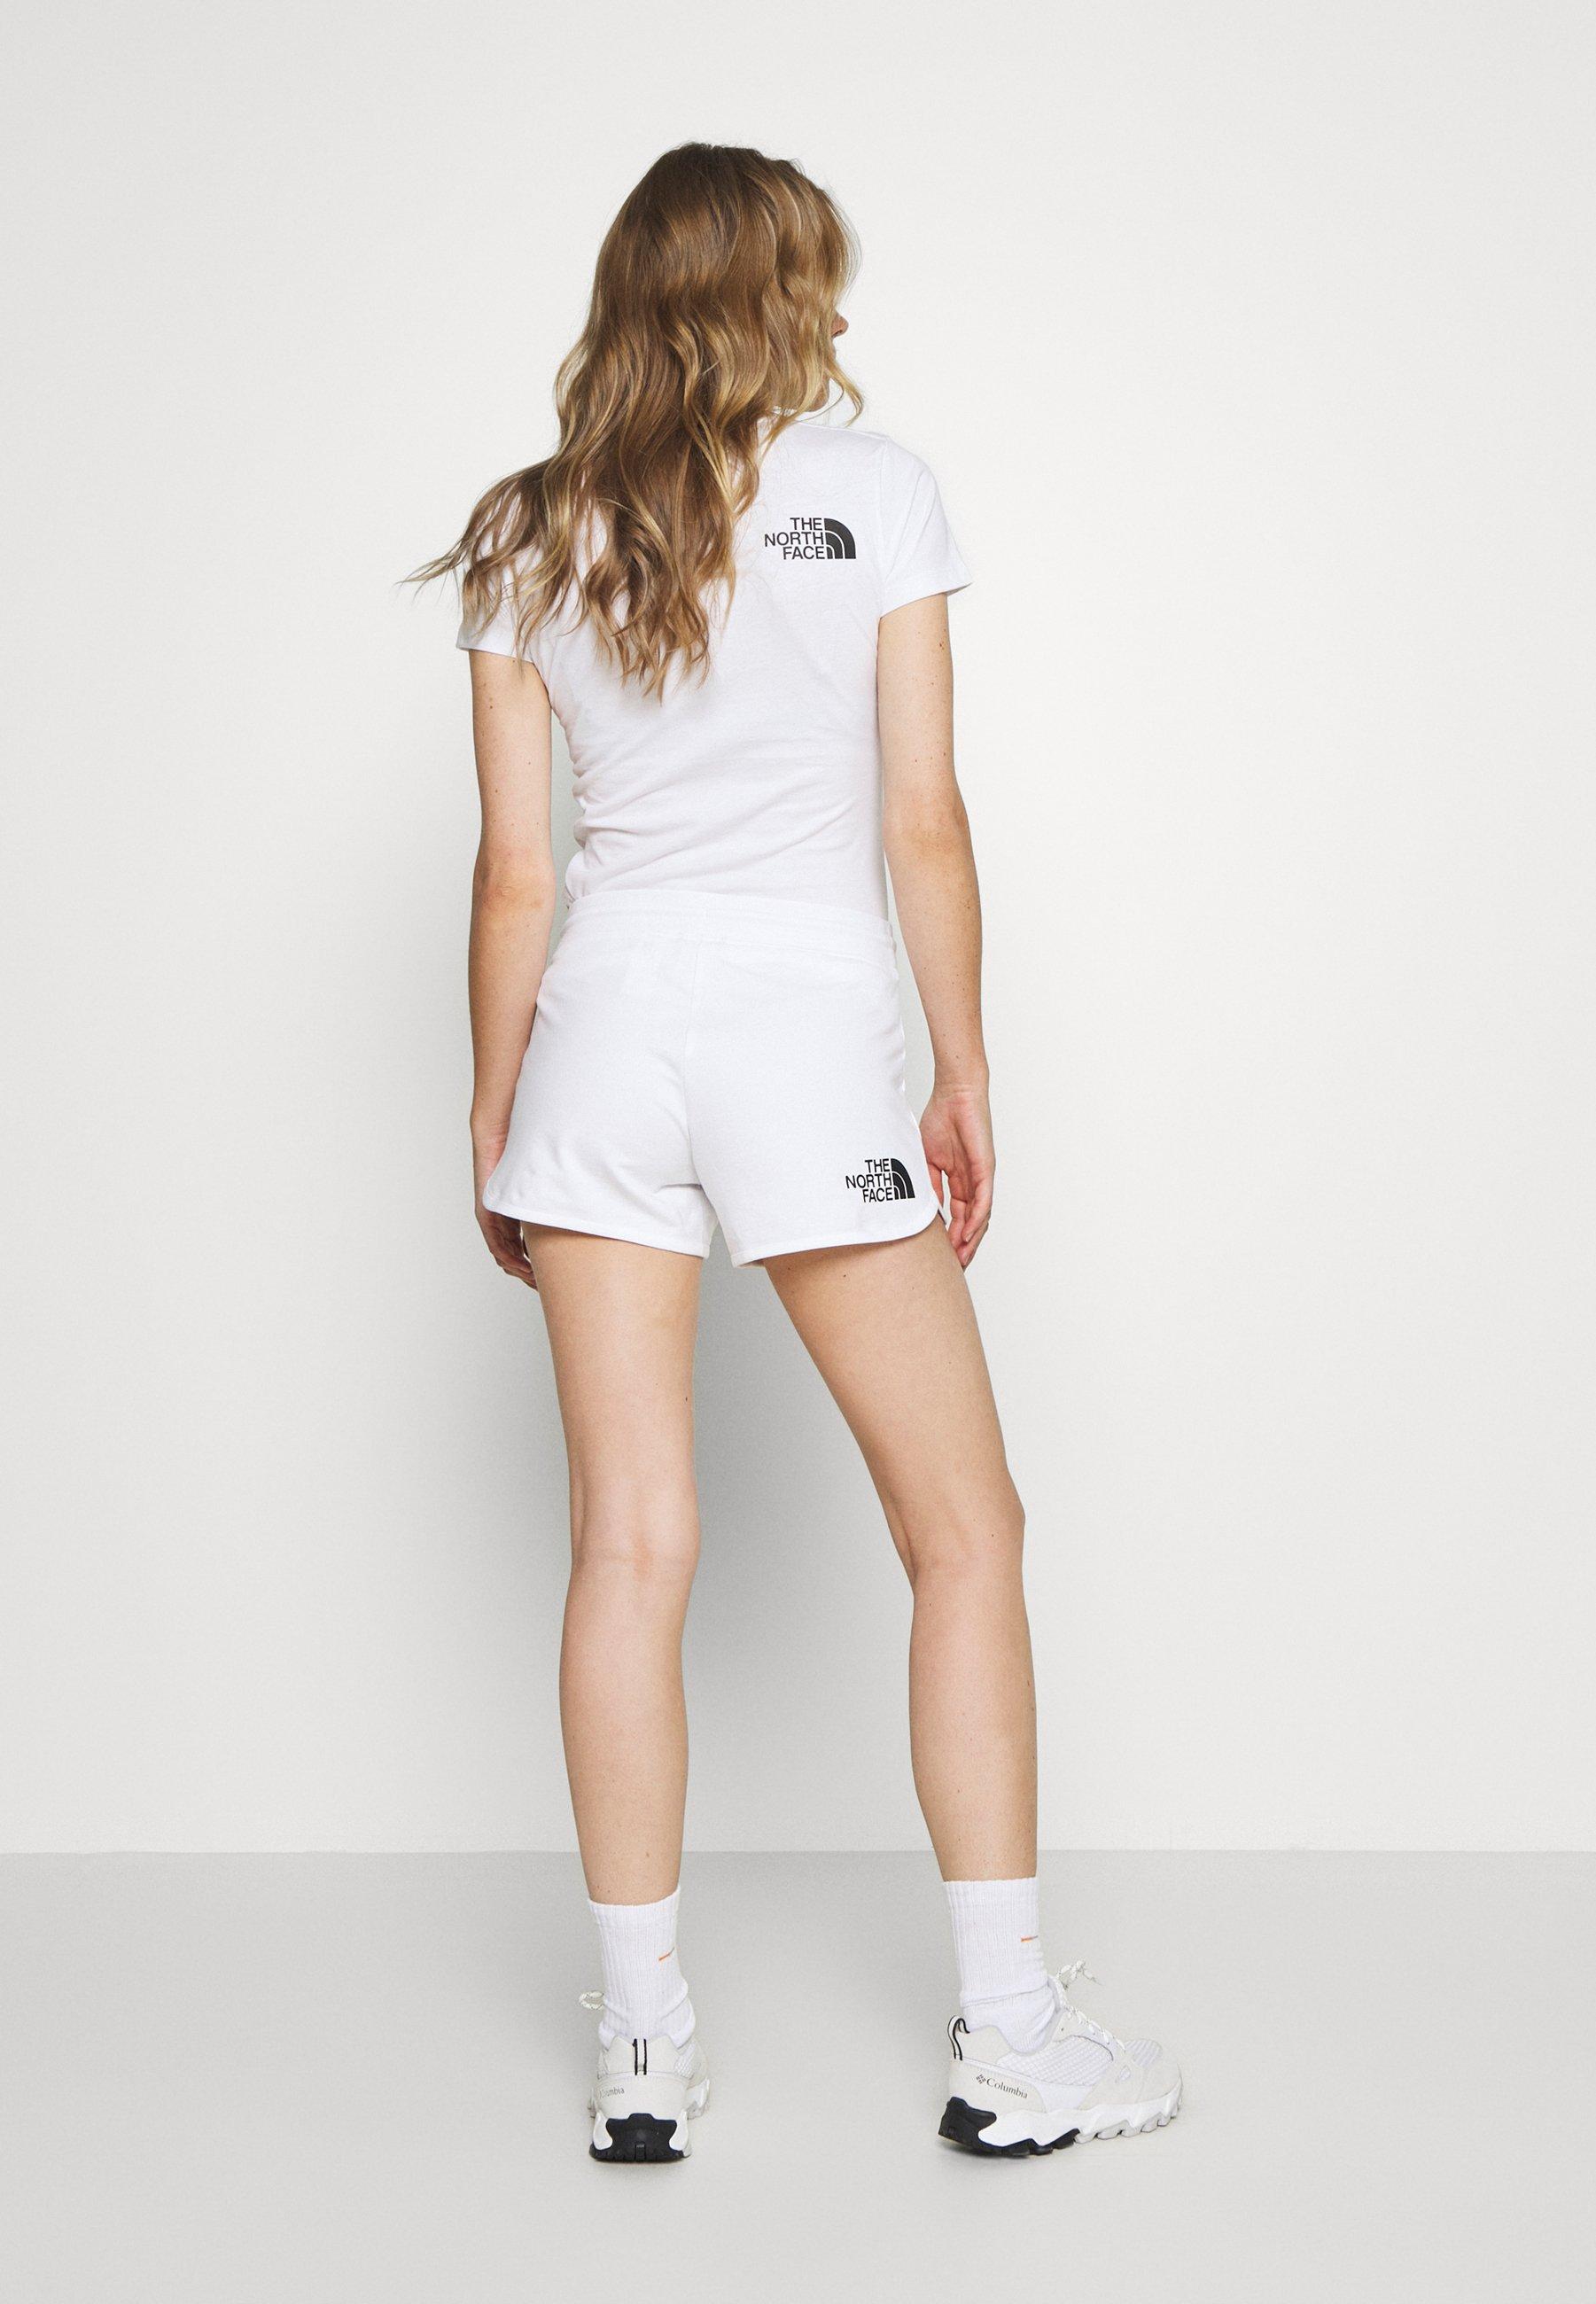 Los Más Valorados Ropa de mujer The North Face RAINBOW SHORT Pantalón corto de deporte white tI4I3A